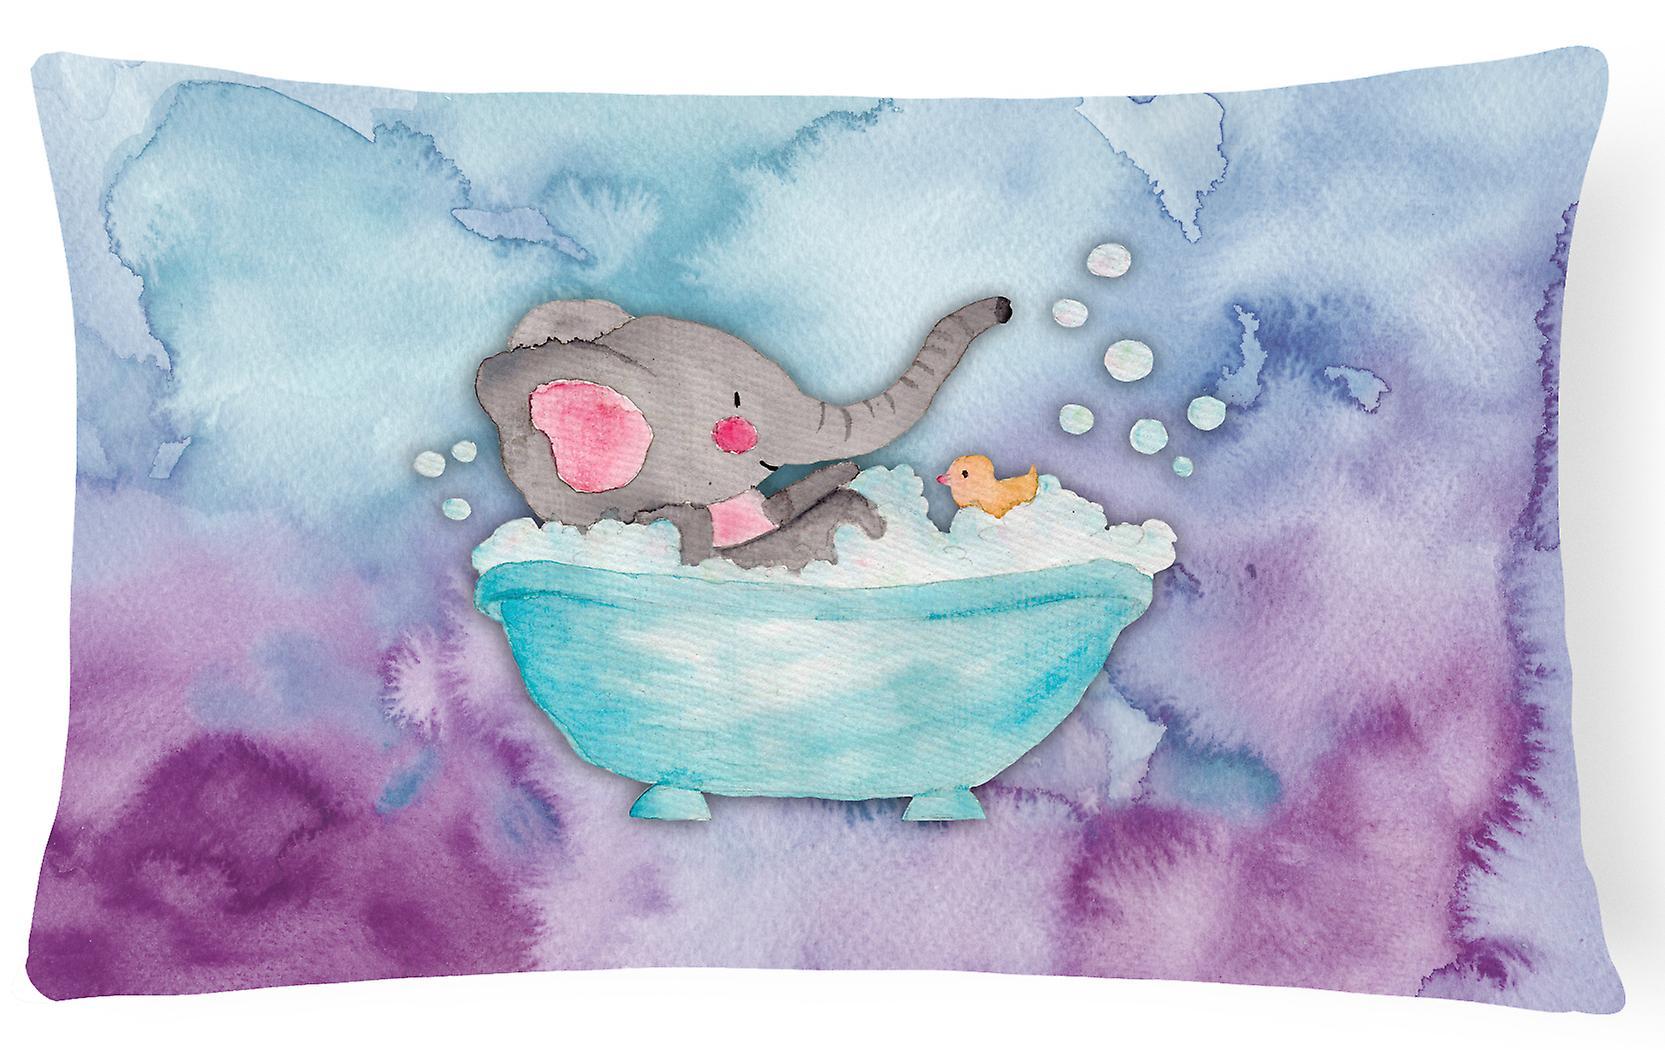 Aquarelle Les Éléphants Toile Baigner Décoratif Se Tissu Oreiller CrBWdxoe